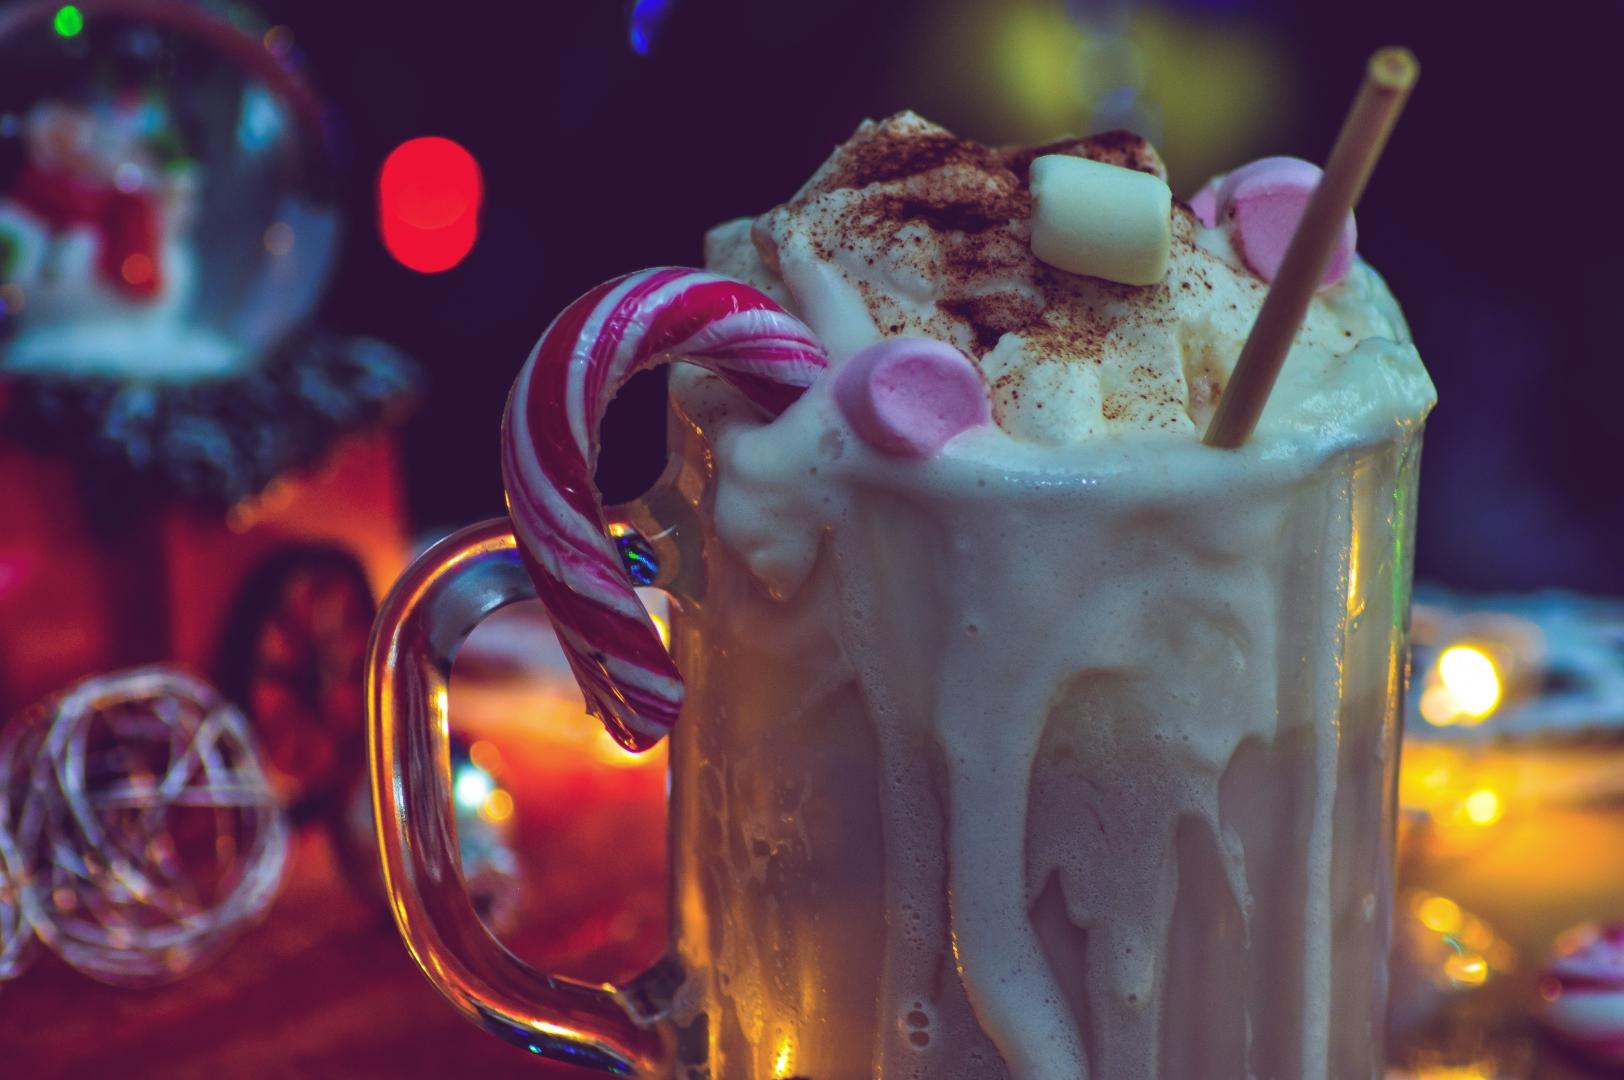 strwaberry-milkshake-1